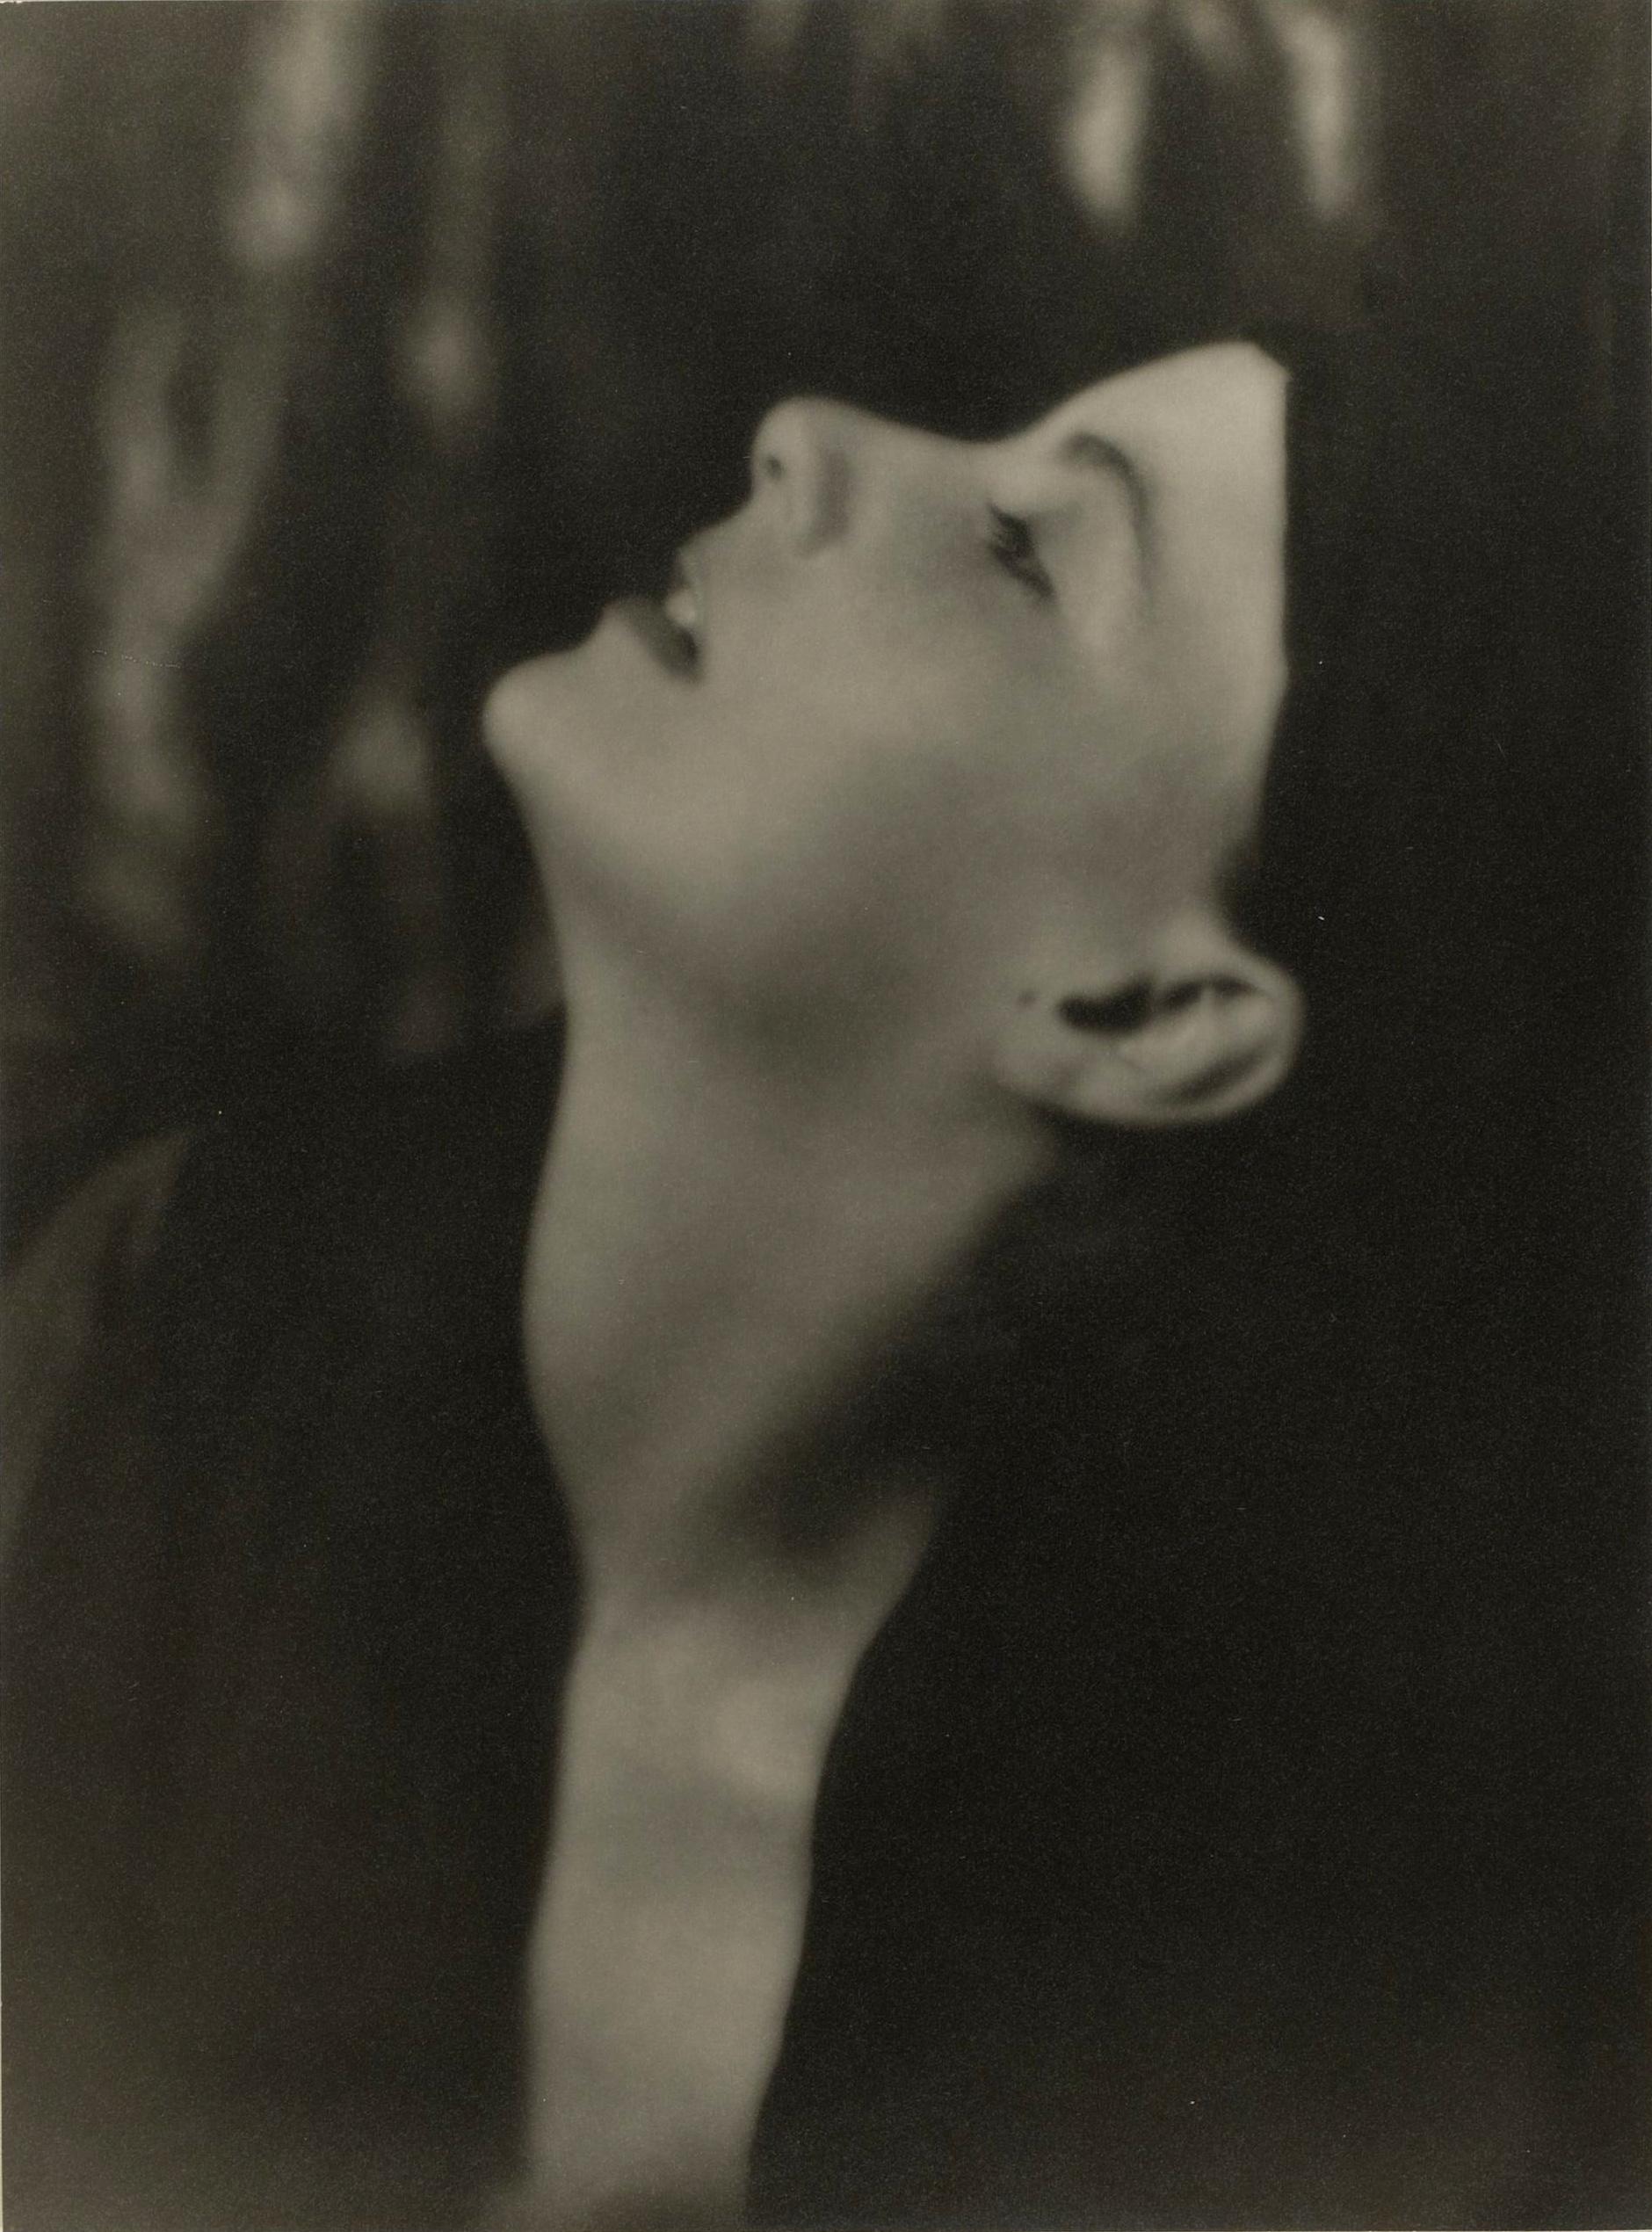 Fichier:Greta Garbo portrait.JPG